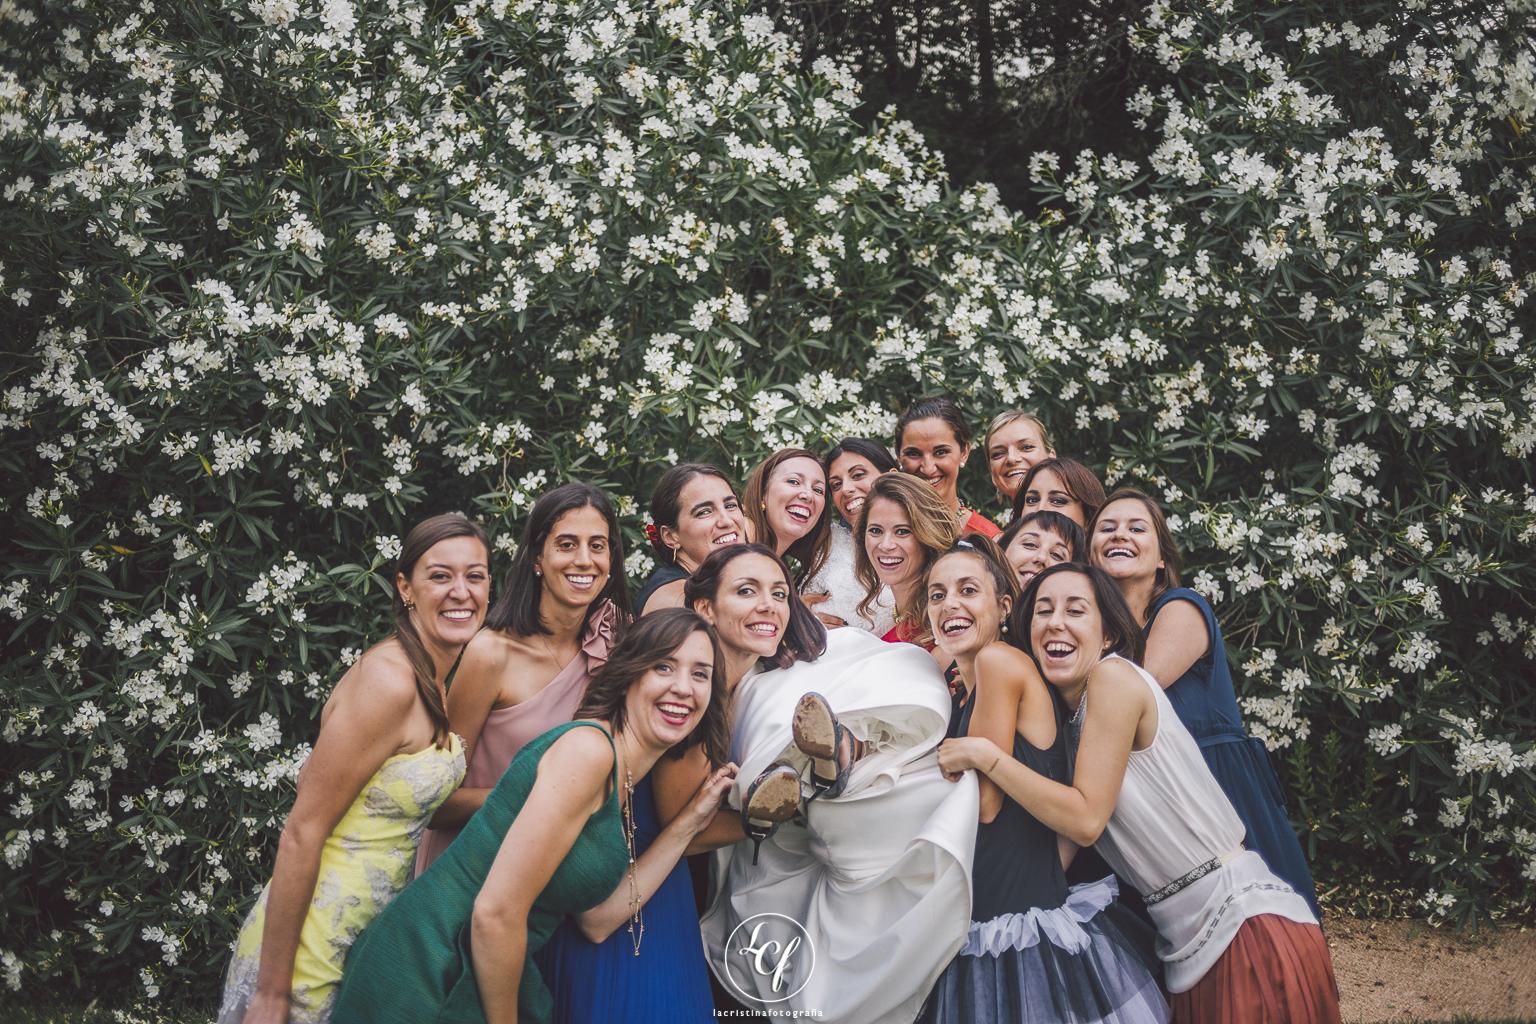 fotógrafo de bodas :: la roureda :: fotografía de bodas :: fotógrafo de boda :: fotógrafo de bodas barcelona :: fotografía de bodas sant cugat :: hotel blancafort